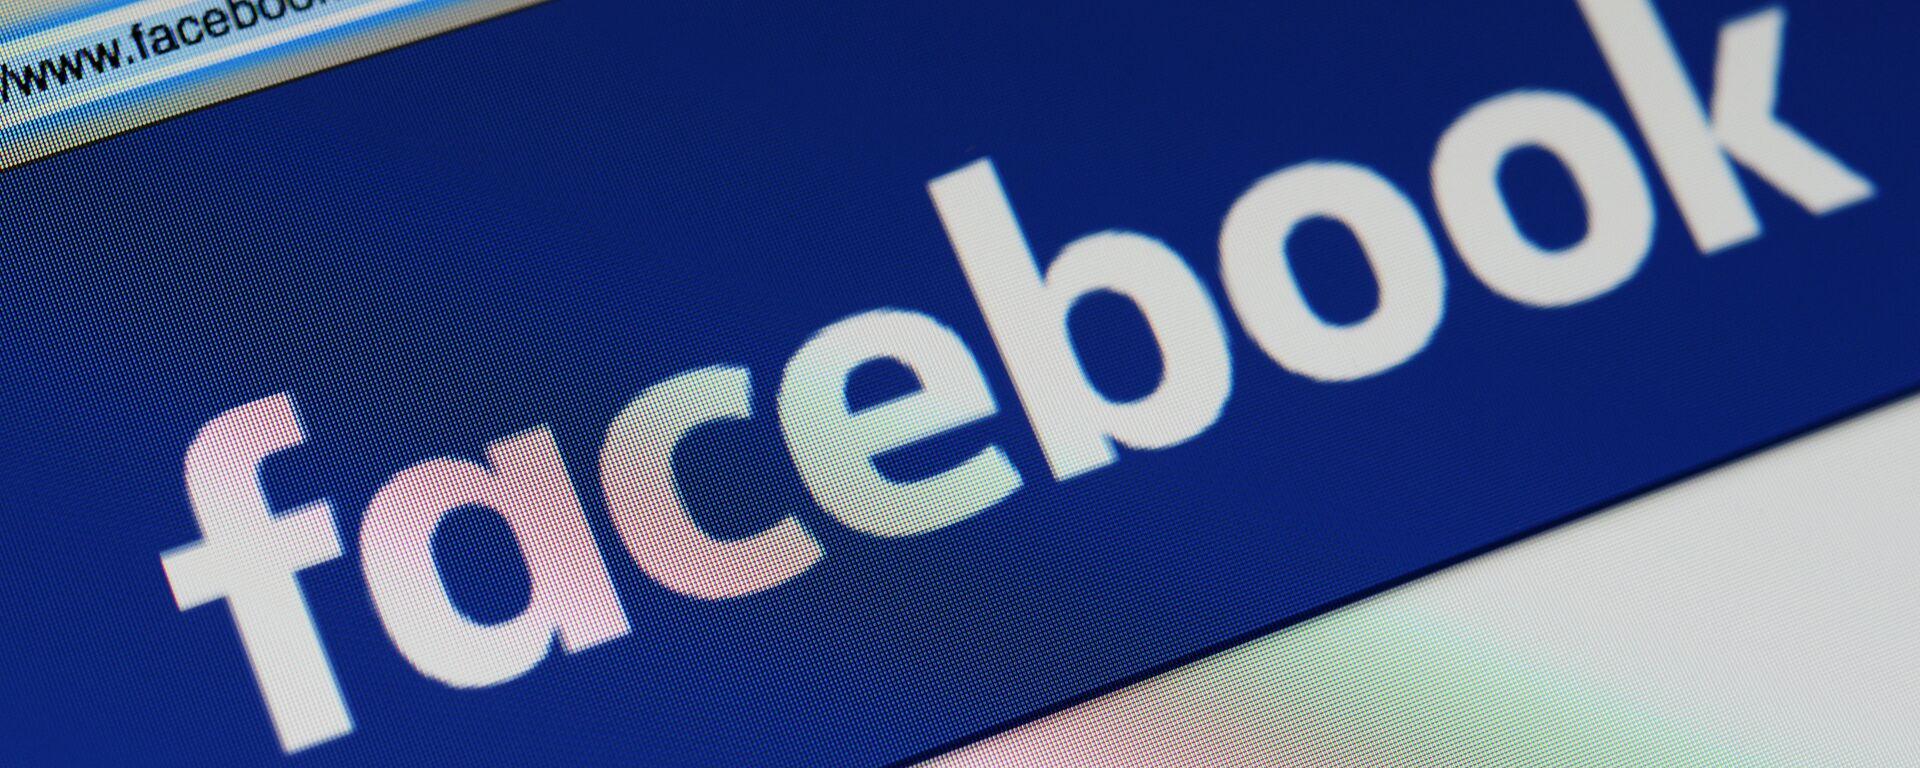 Социальная сеть Фейсбук - Sputnik Latvija, 1920, 04.12.2020